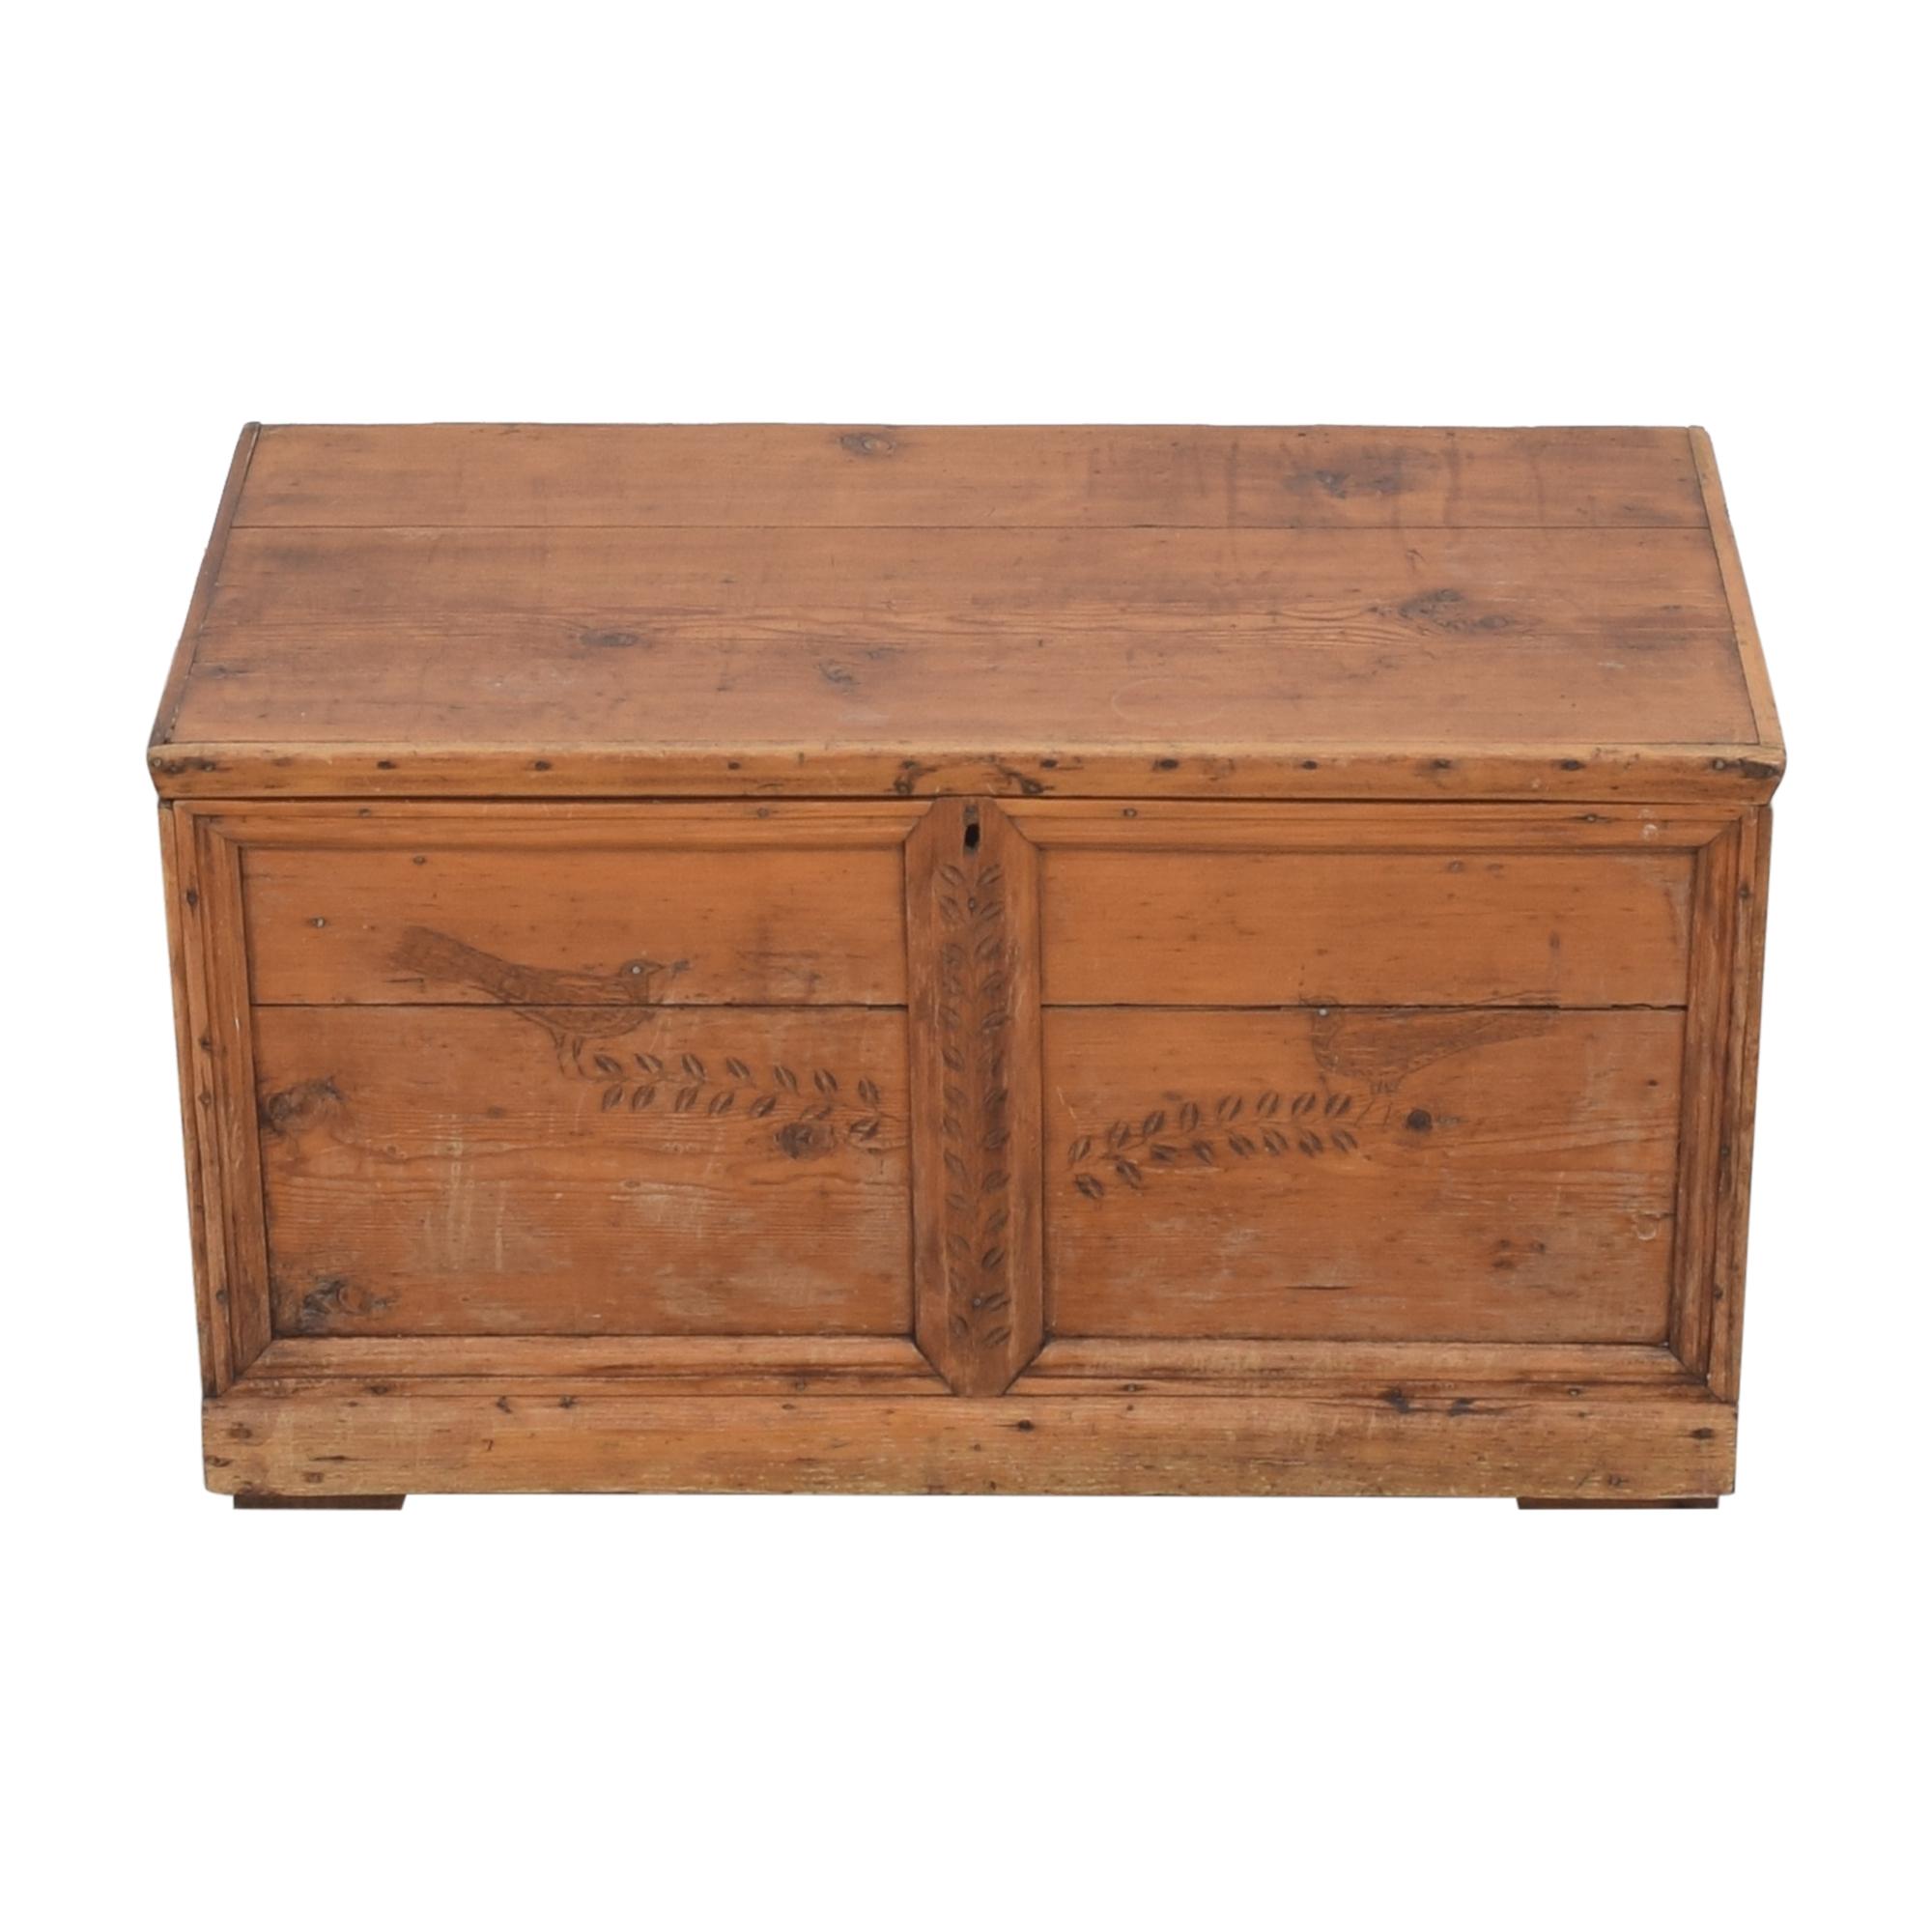 Antique Storage Trunk brown